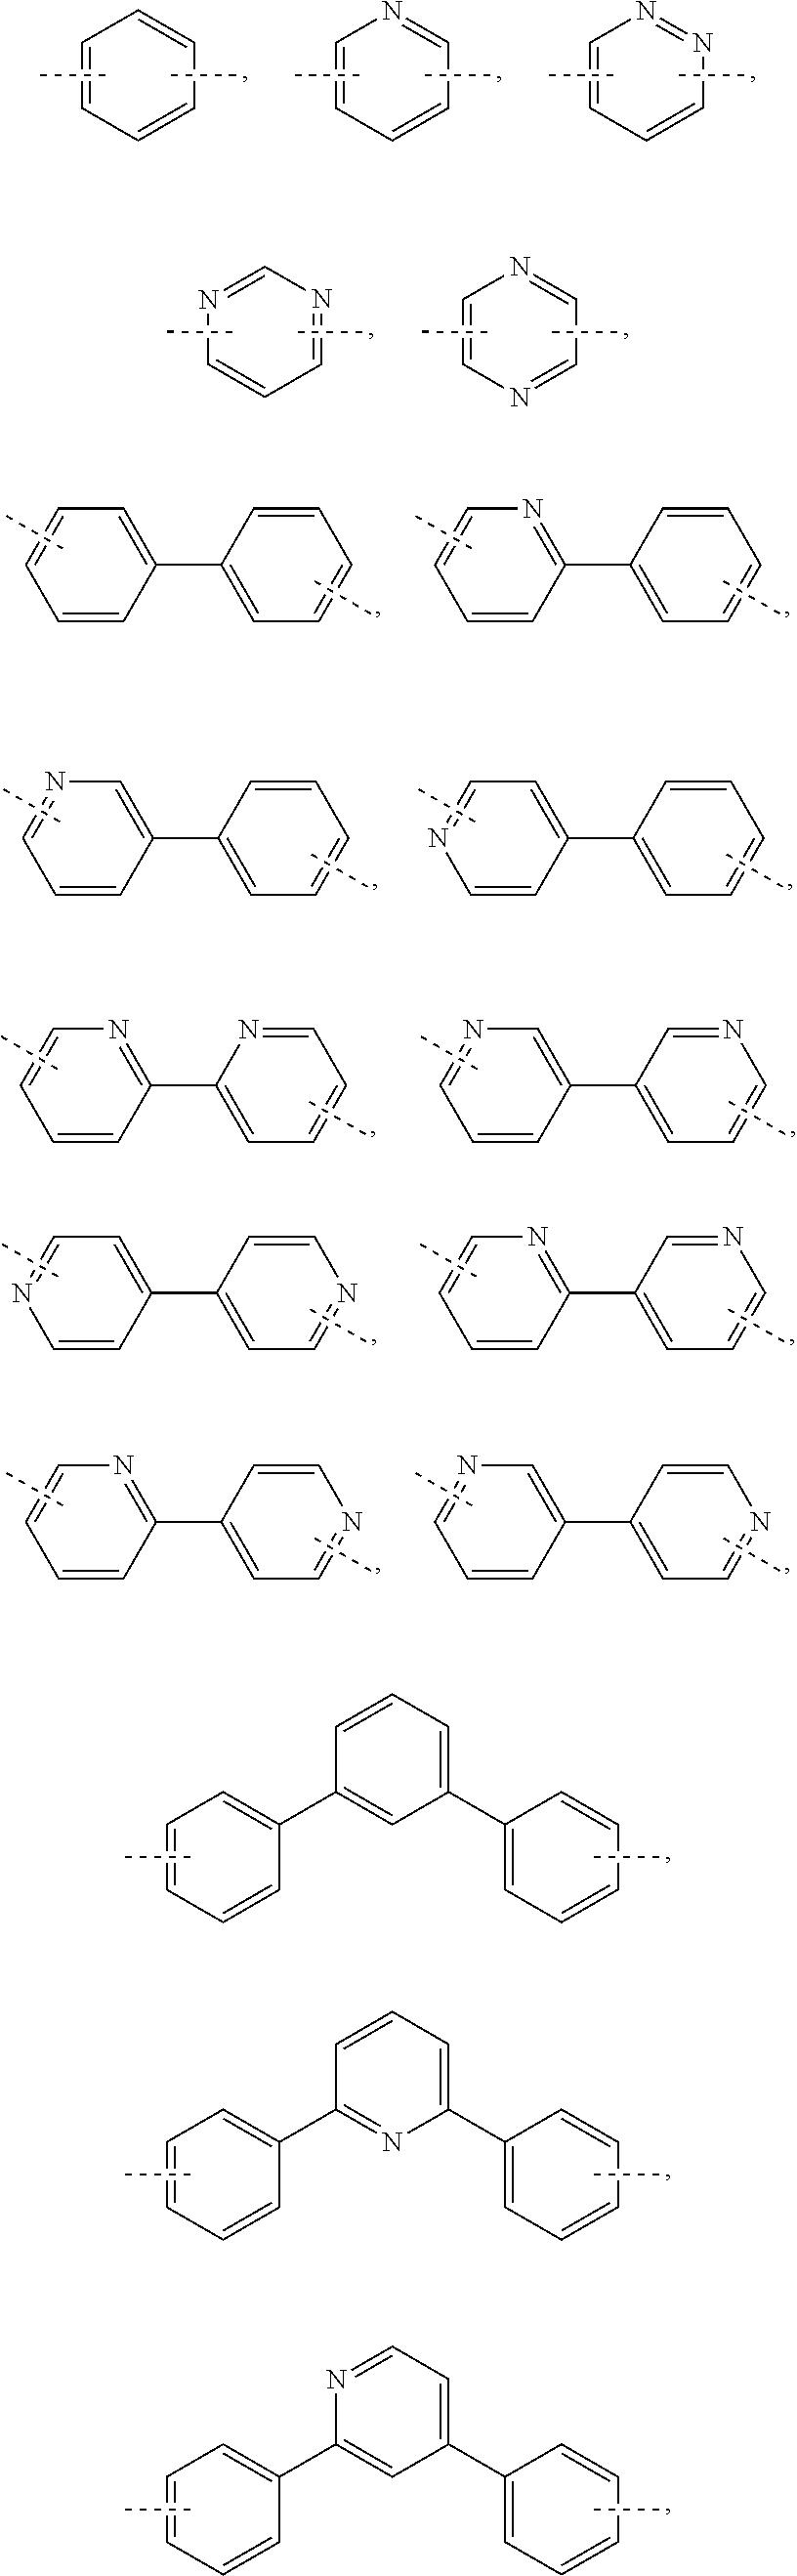 Figure US09553274-20170124-C00030